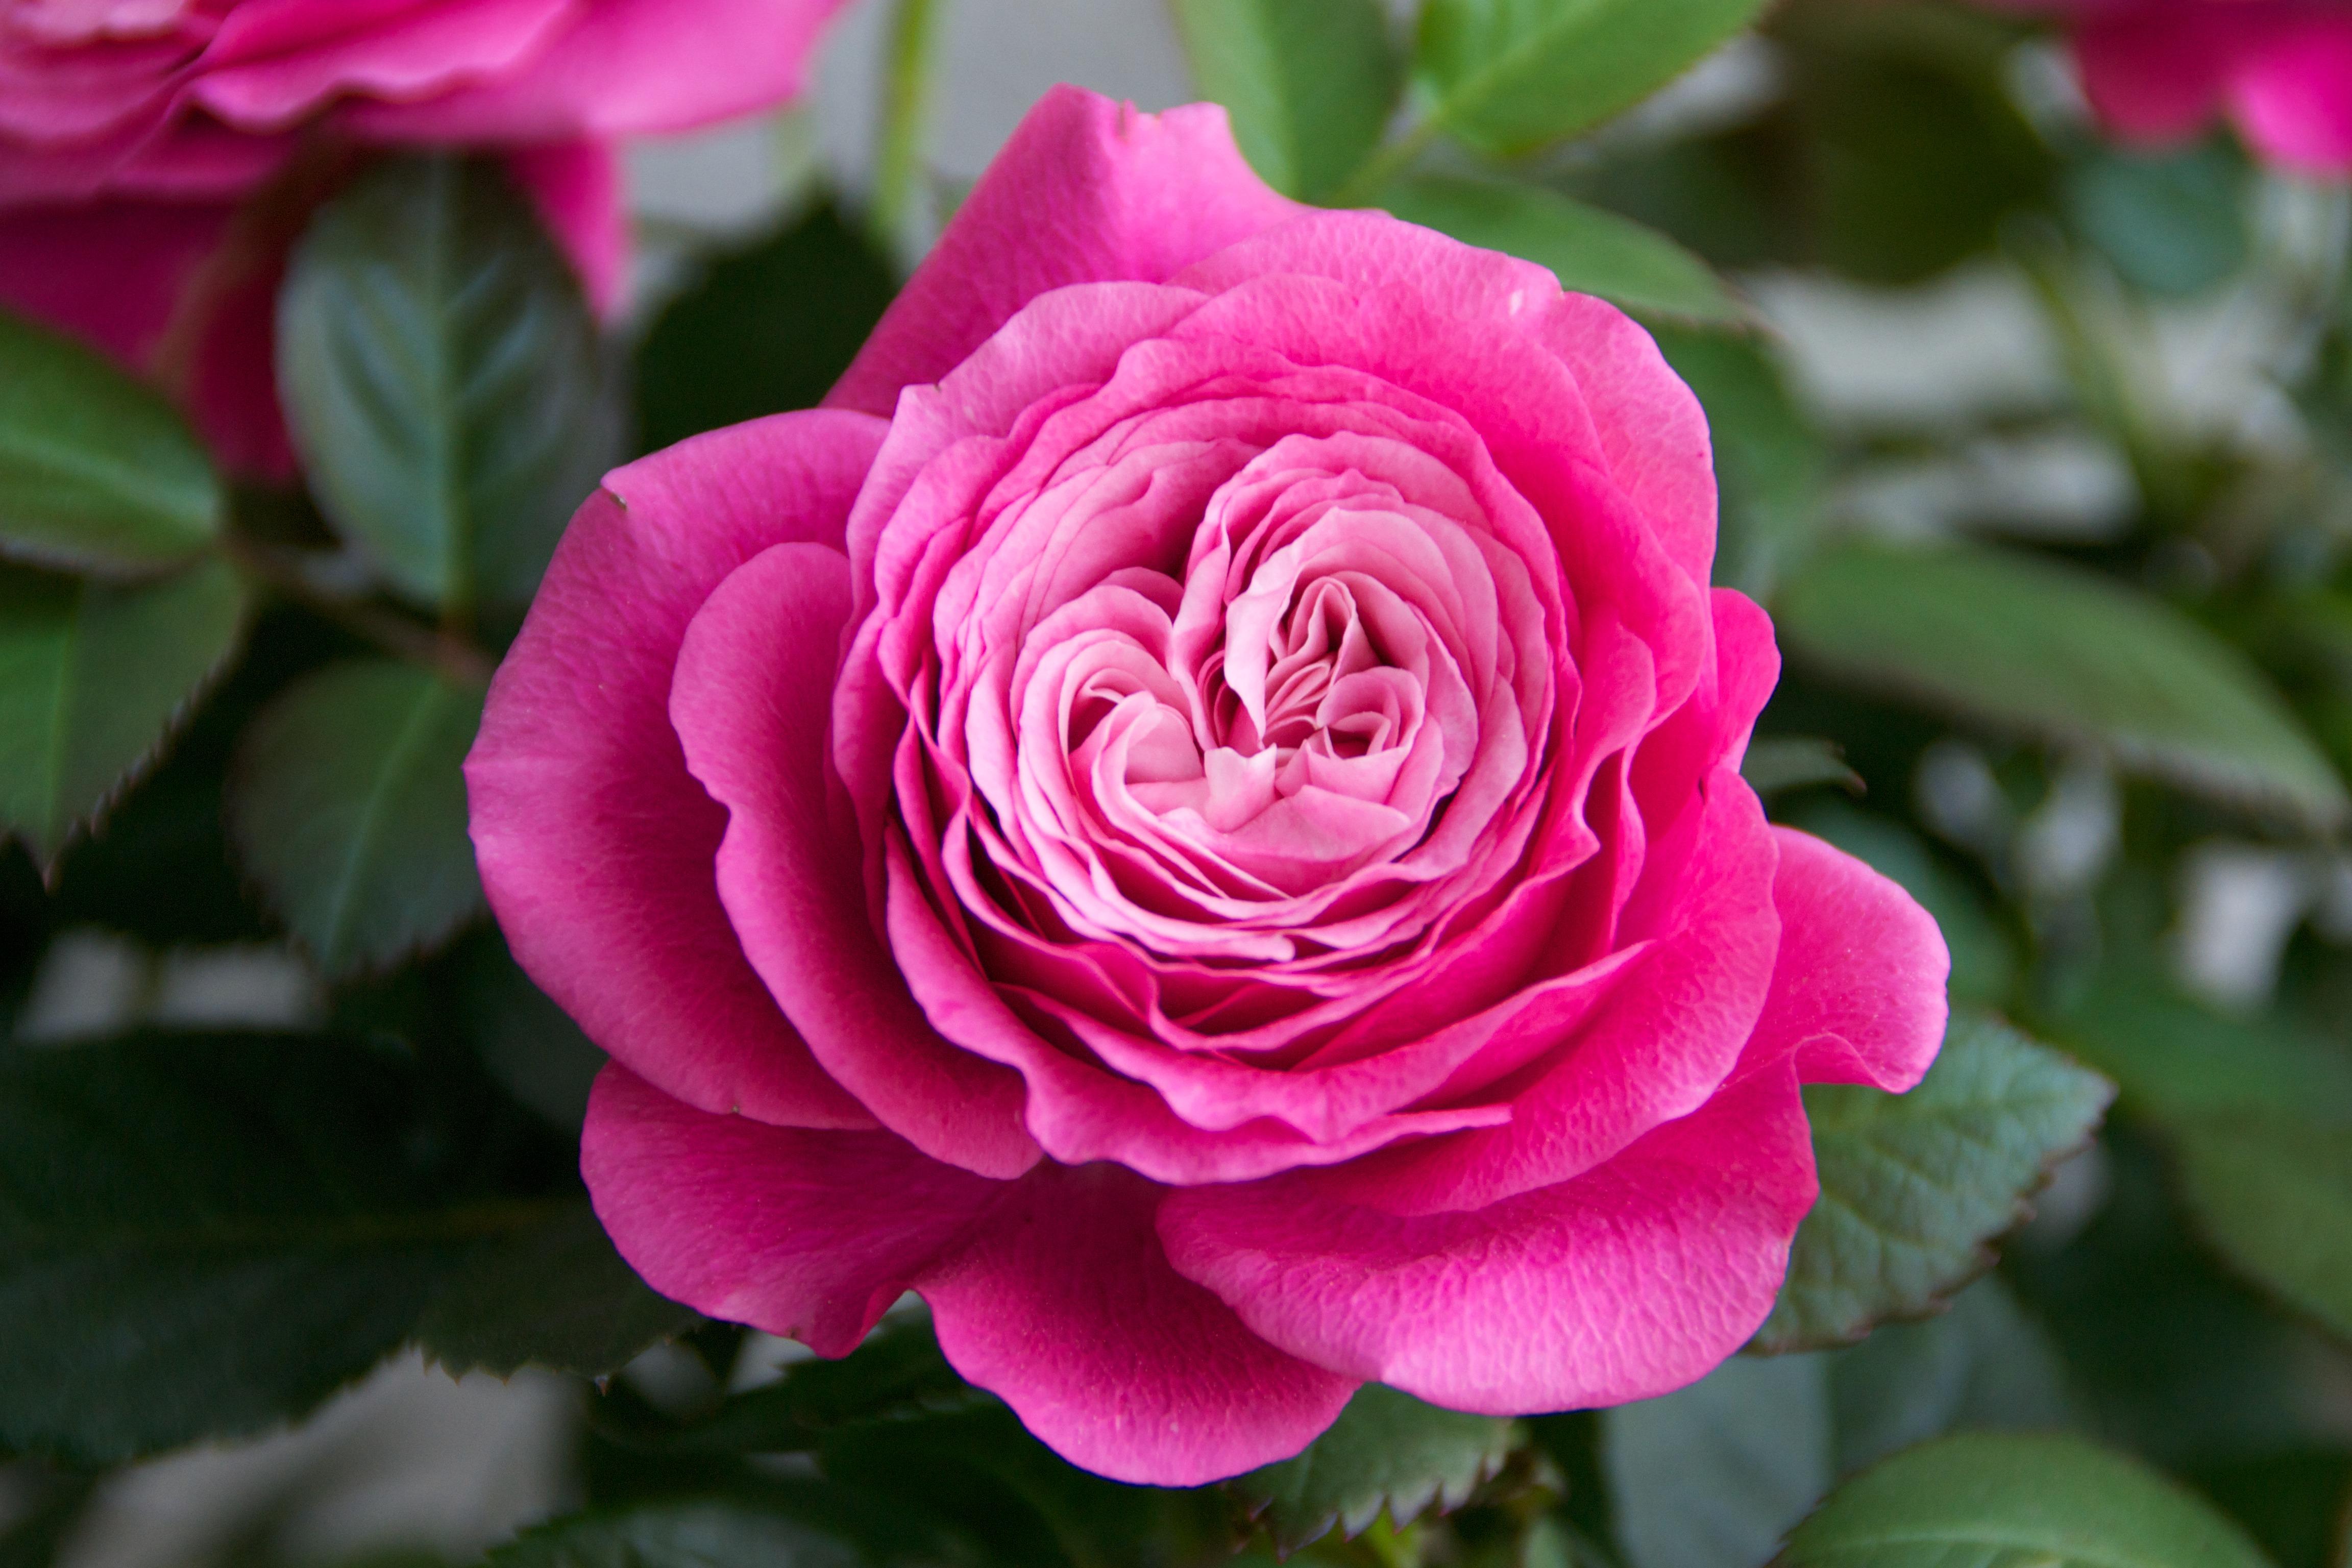 무료 이미지 꽃잎 장미 꽃 담홍색 플로라 꽃들 아름다움 플로리 분다 향기 꽃 피는 식물